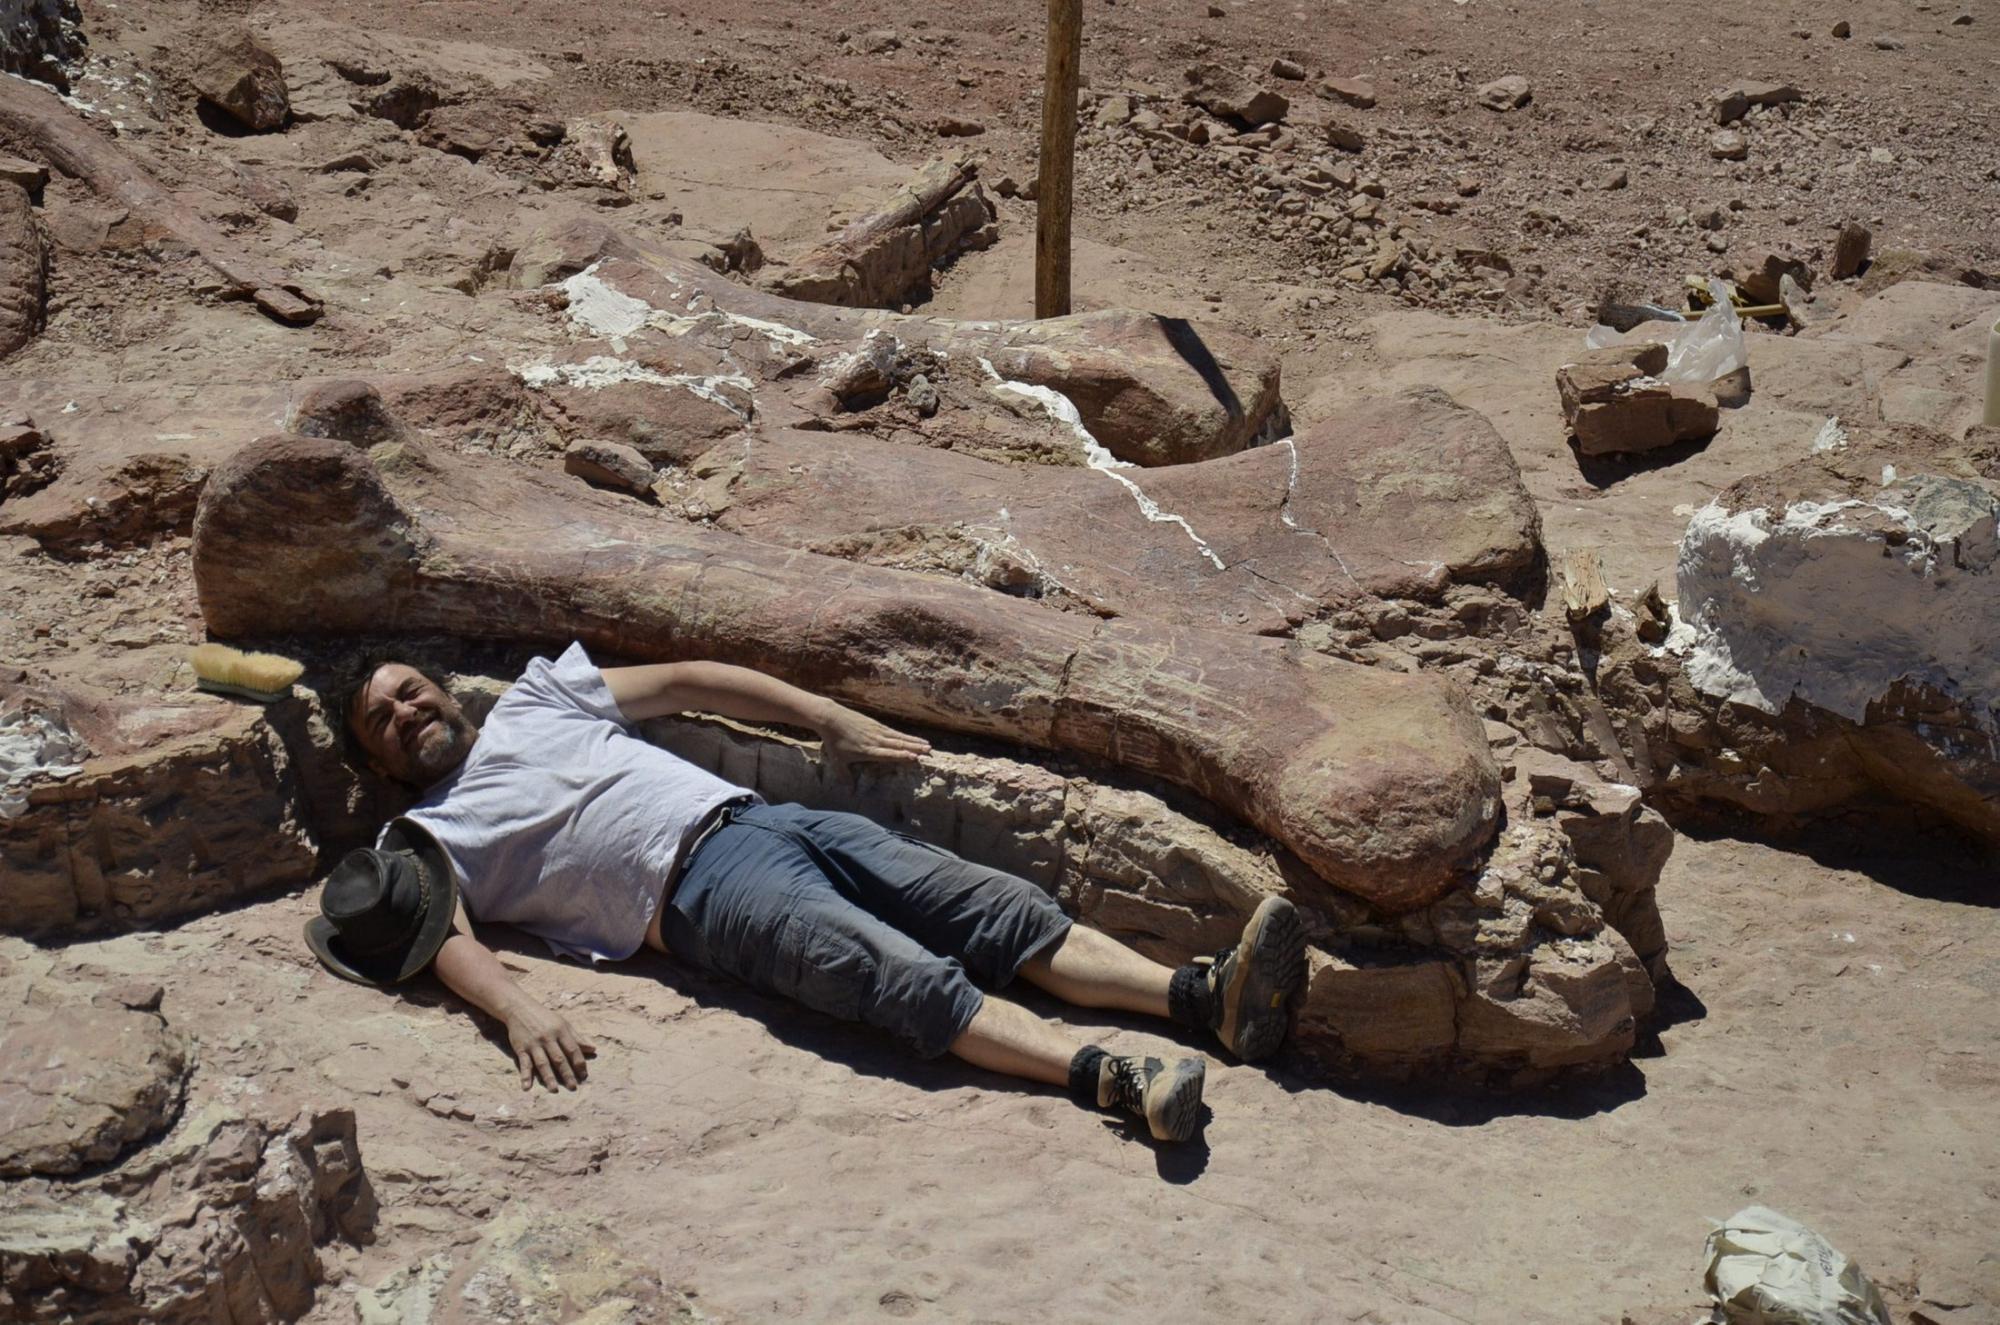 Картинки по запросу В Аргентине археологи нашли динозавра